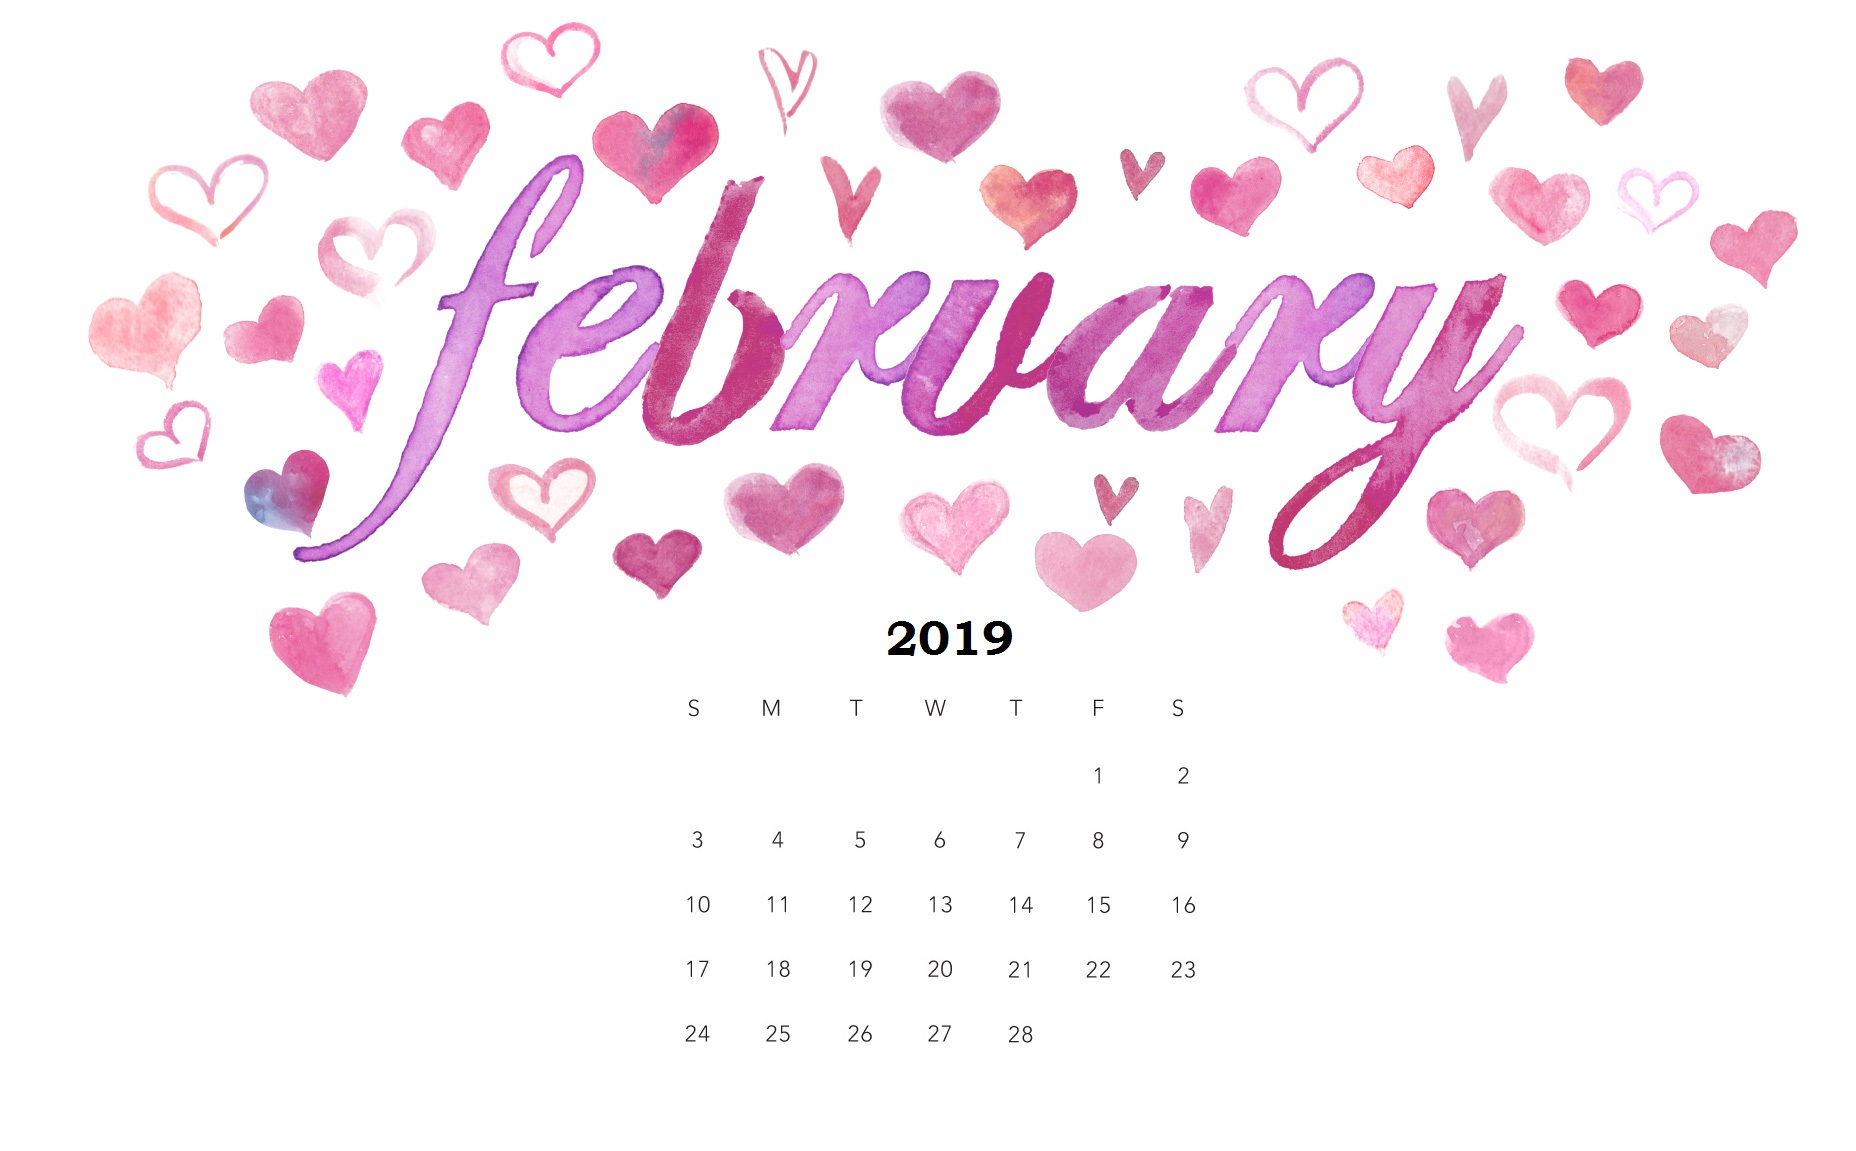 February 2019 Calendar Wallpapers Calendar 2019 1856x1151